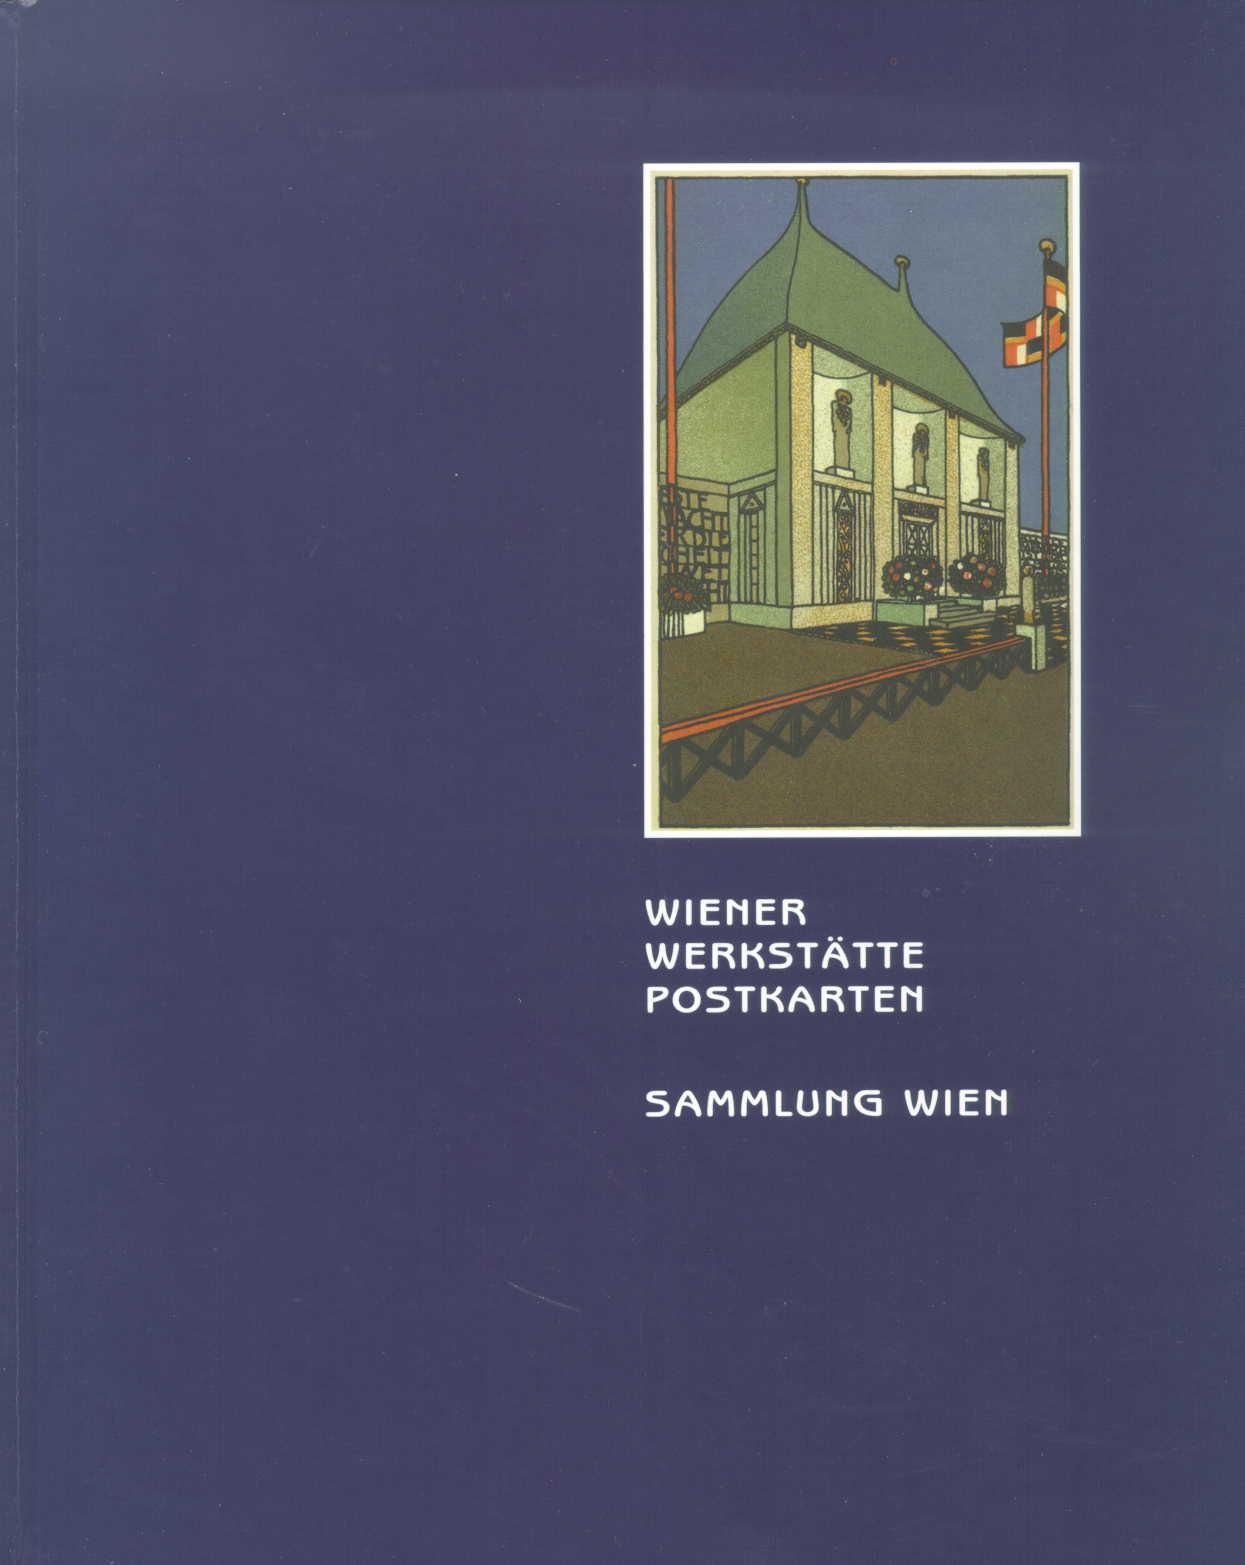 Weissenböck Katalog Postkarten Wiener Werkstätten ? Sammlung Wie